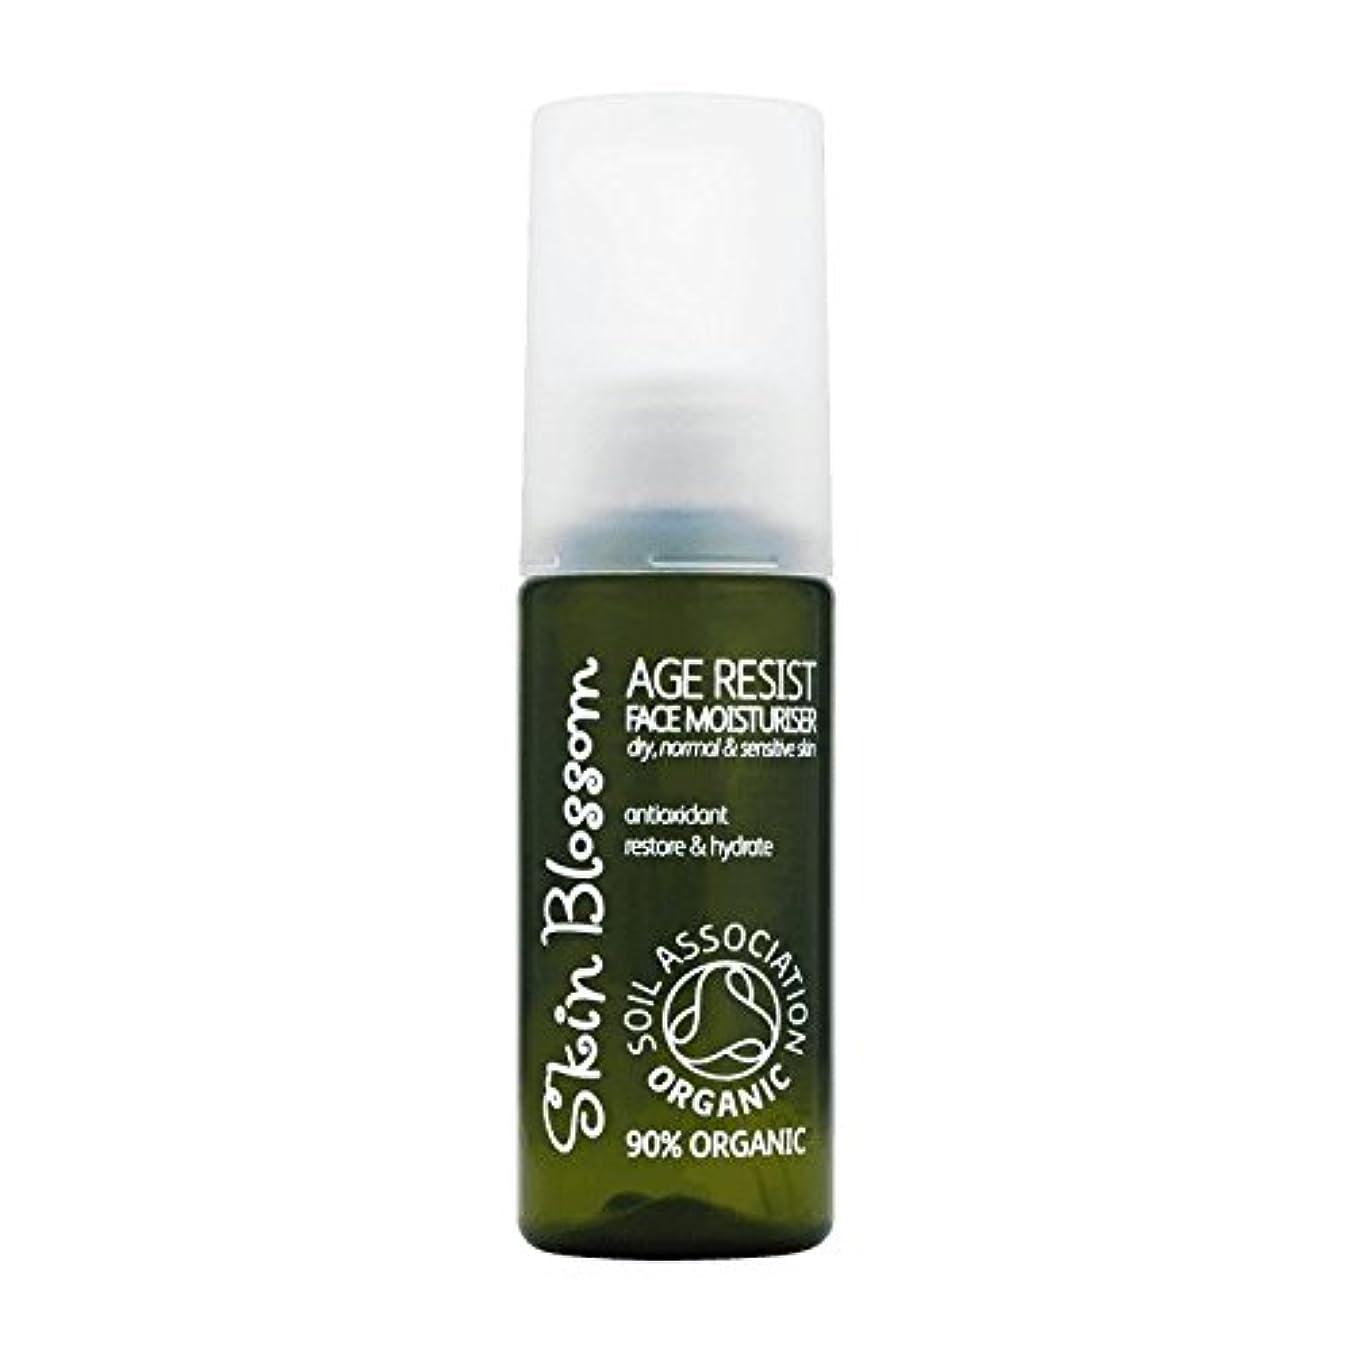 窓を洗う平らにする慈善[Skin Blossom] 皮膚の花の年齢顔の保湿剤の50ミリリットルに抵抗 - Skin Blossom Age Resist Face Moisturiser 50ml [並行輸入品]